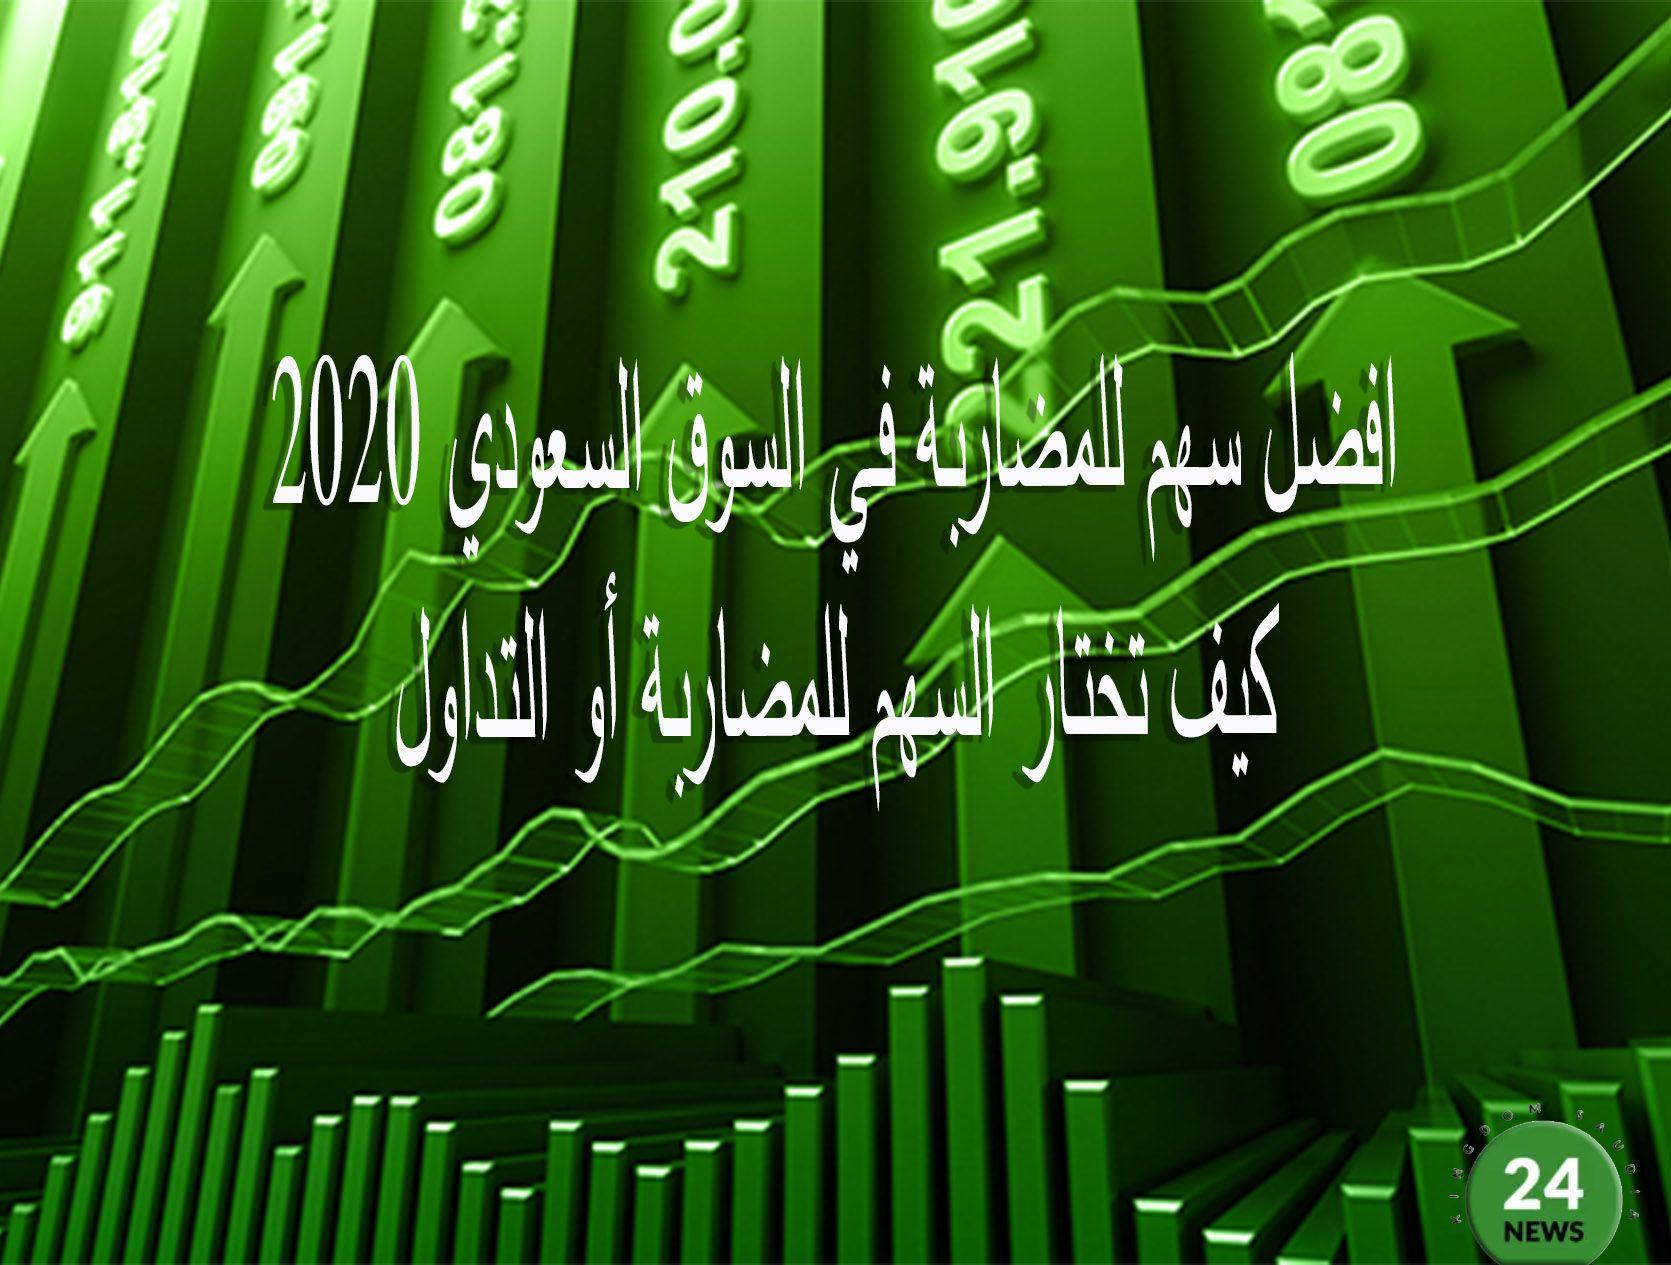 افضل سهم للمضاربة في السوق السعودي 2020 كيف تختار السهم للمضاربة أو التداول Neon Signs Signs